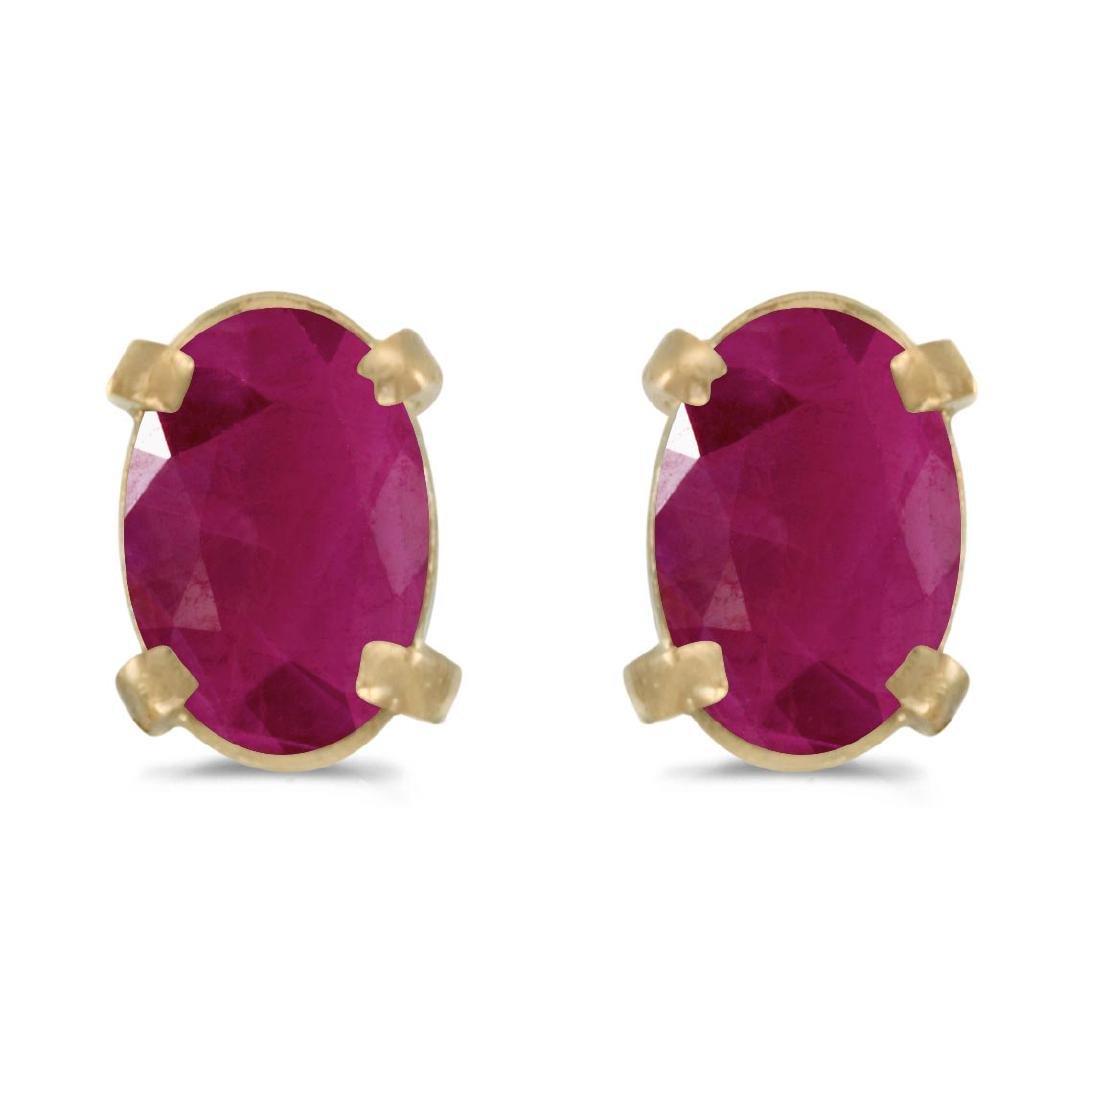 Certified 14k Yellow Gold Oval Ruby Earrings 0.72 CTW